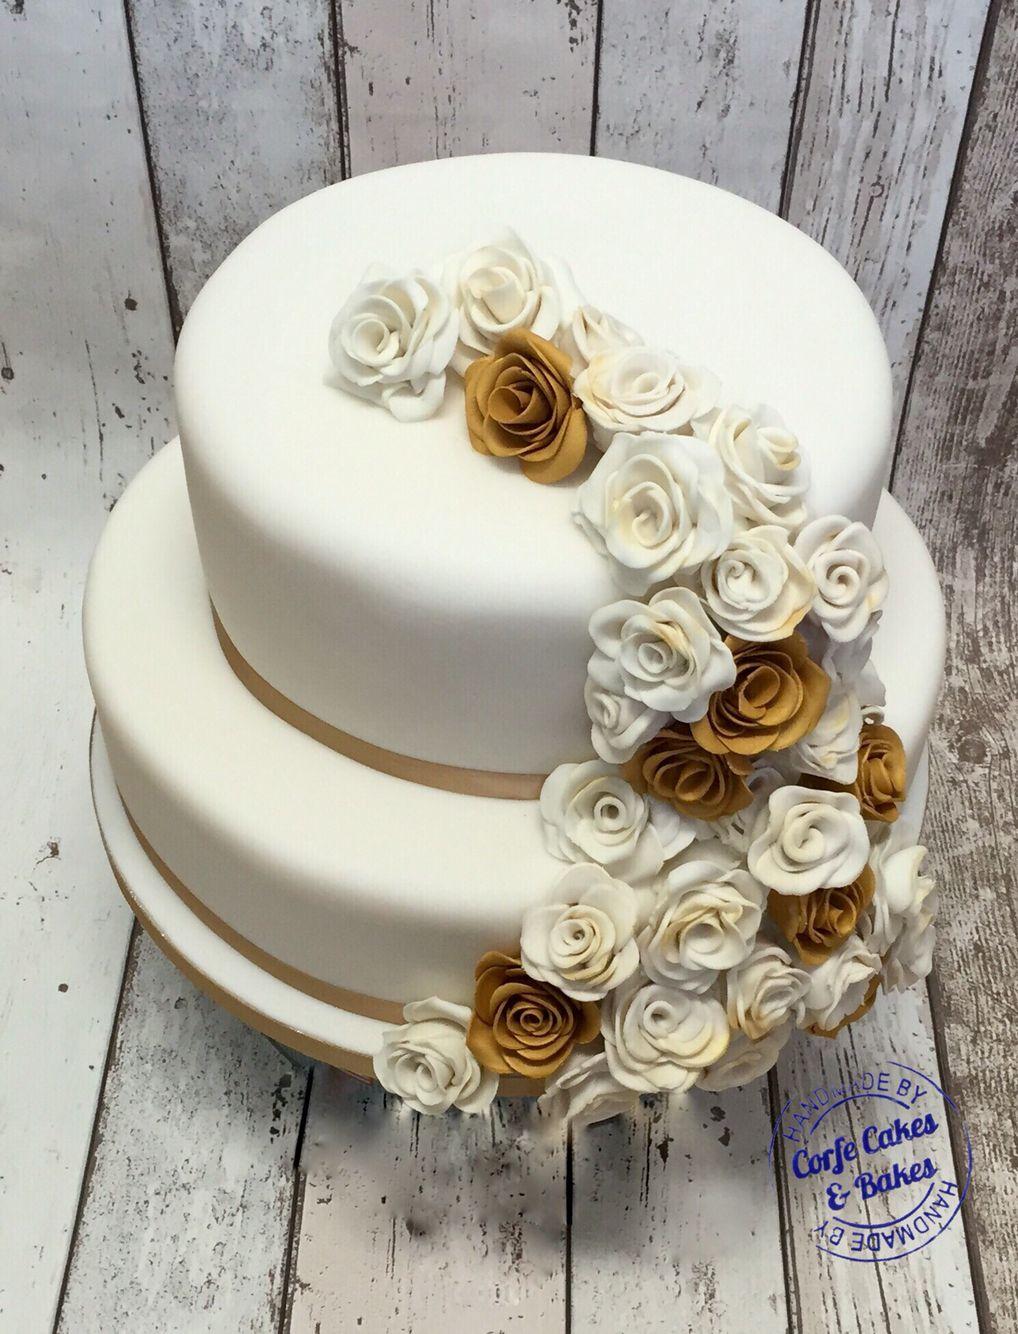 Cream and gold roses wedding cake Wedding cake roses